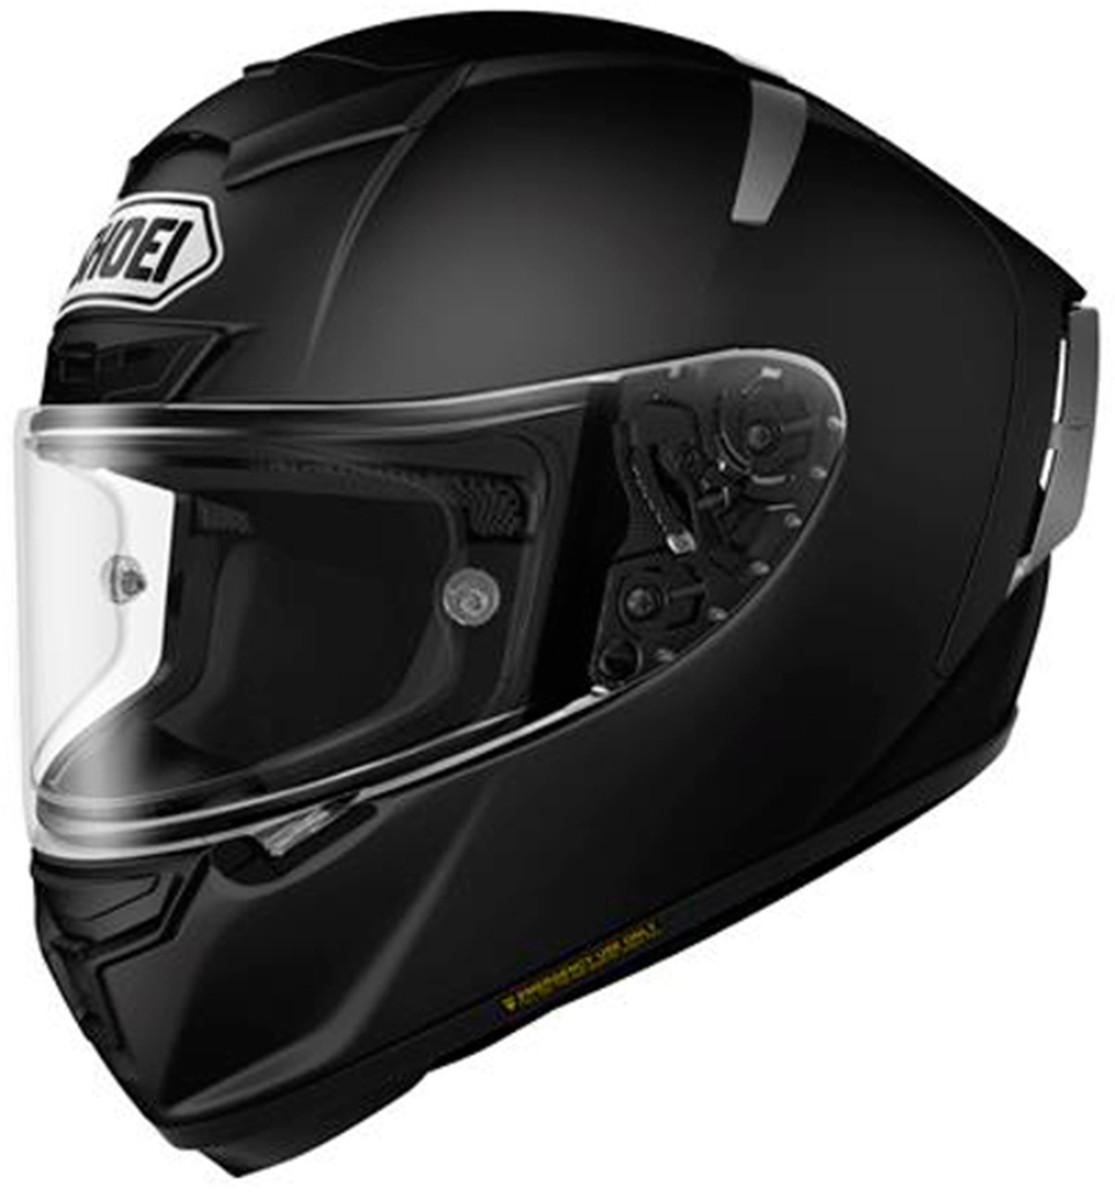 【動画あり】 SHOEI フルフェイスヘルメット X-Fourteen マットブラック Sサイズ